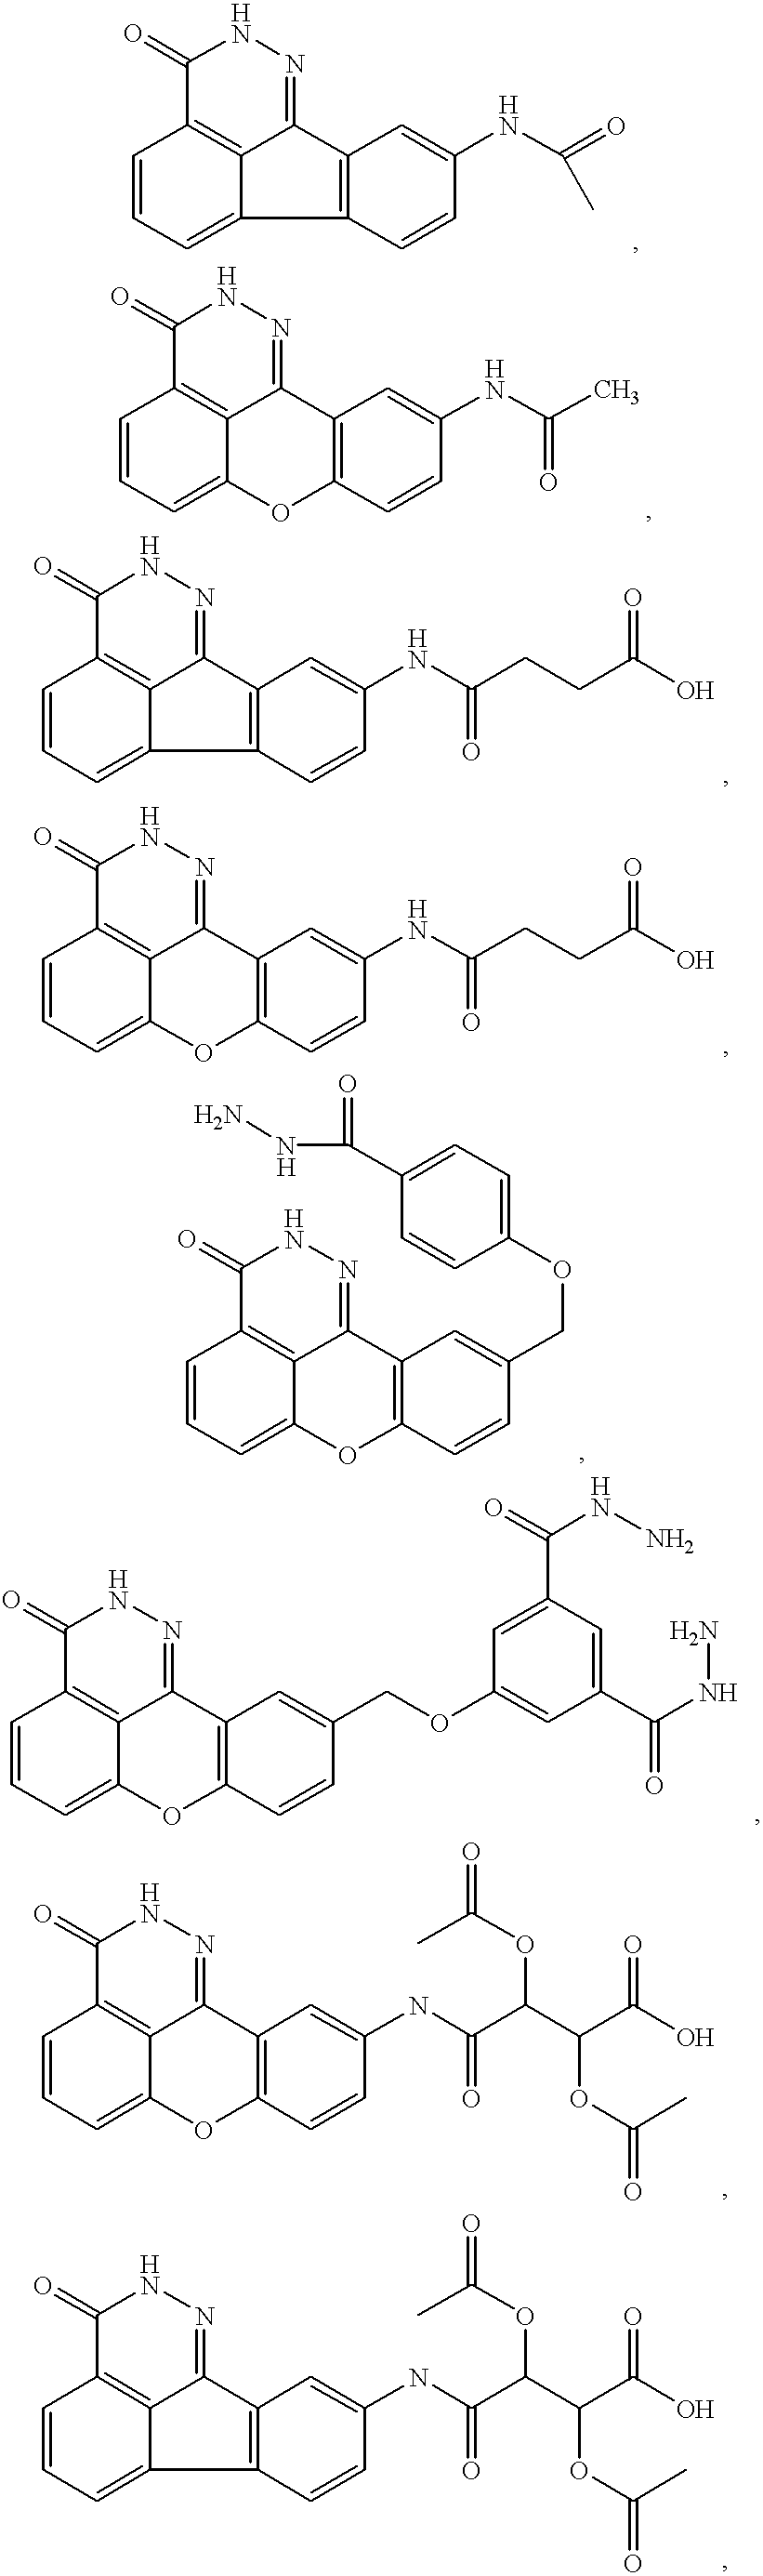 Figure US06291425-20010918-C00116